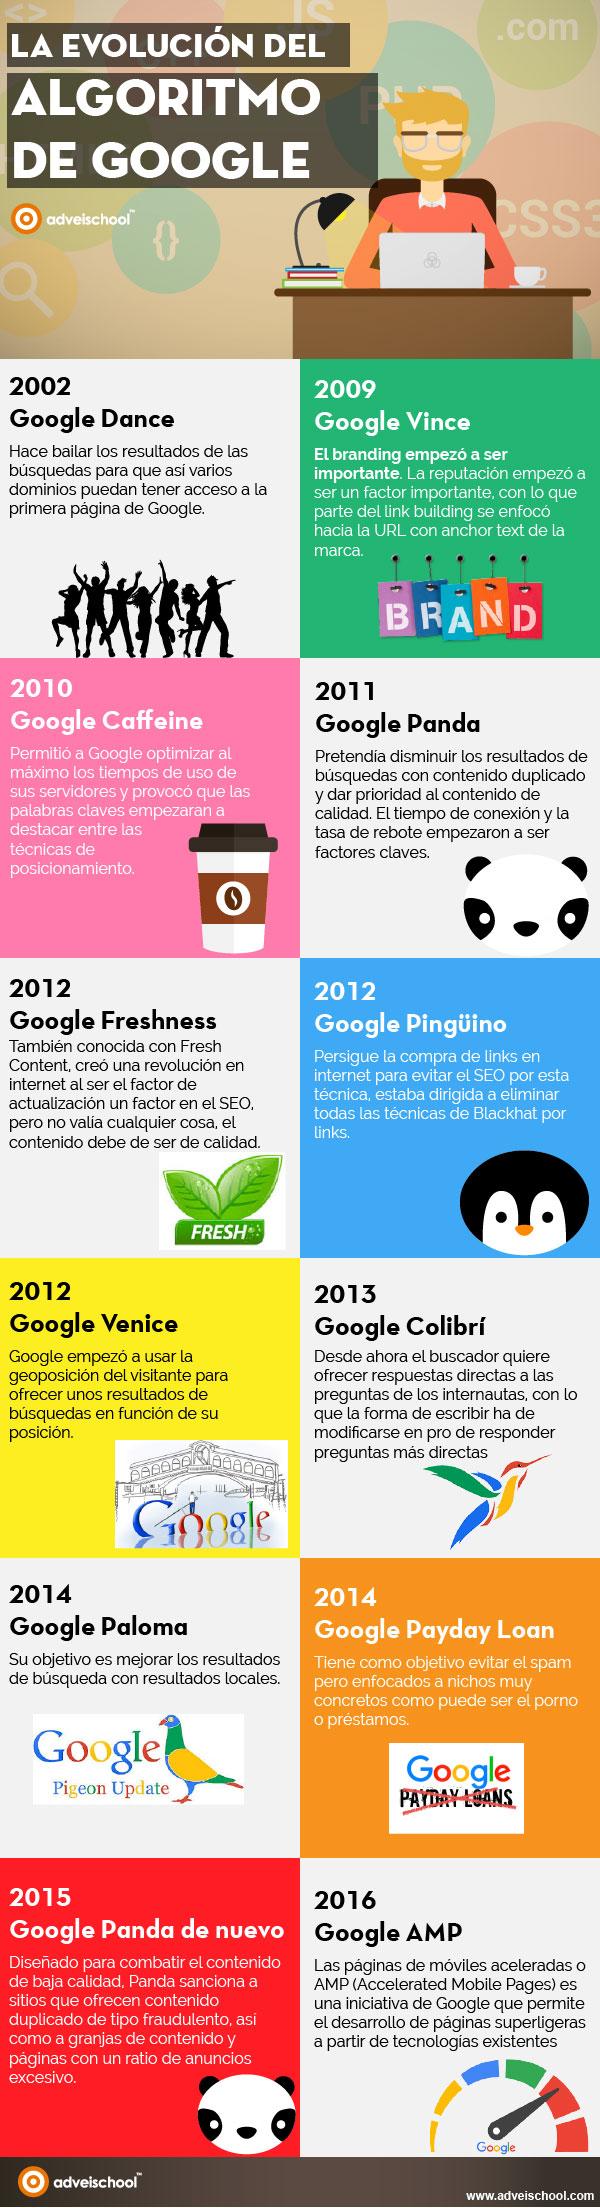 Evolución del algoritmo de Google